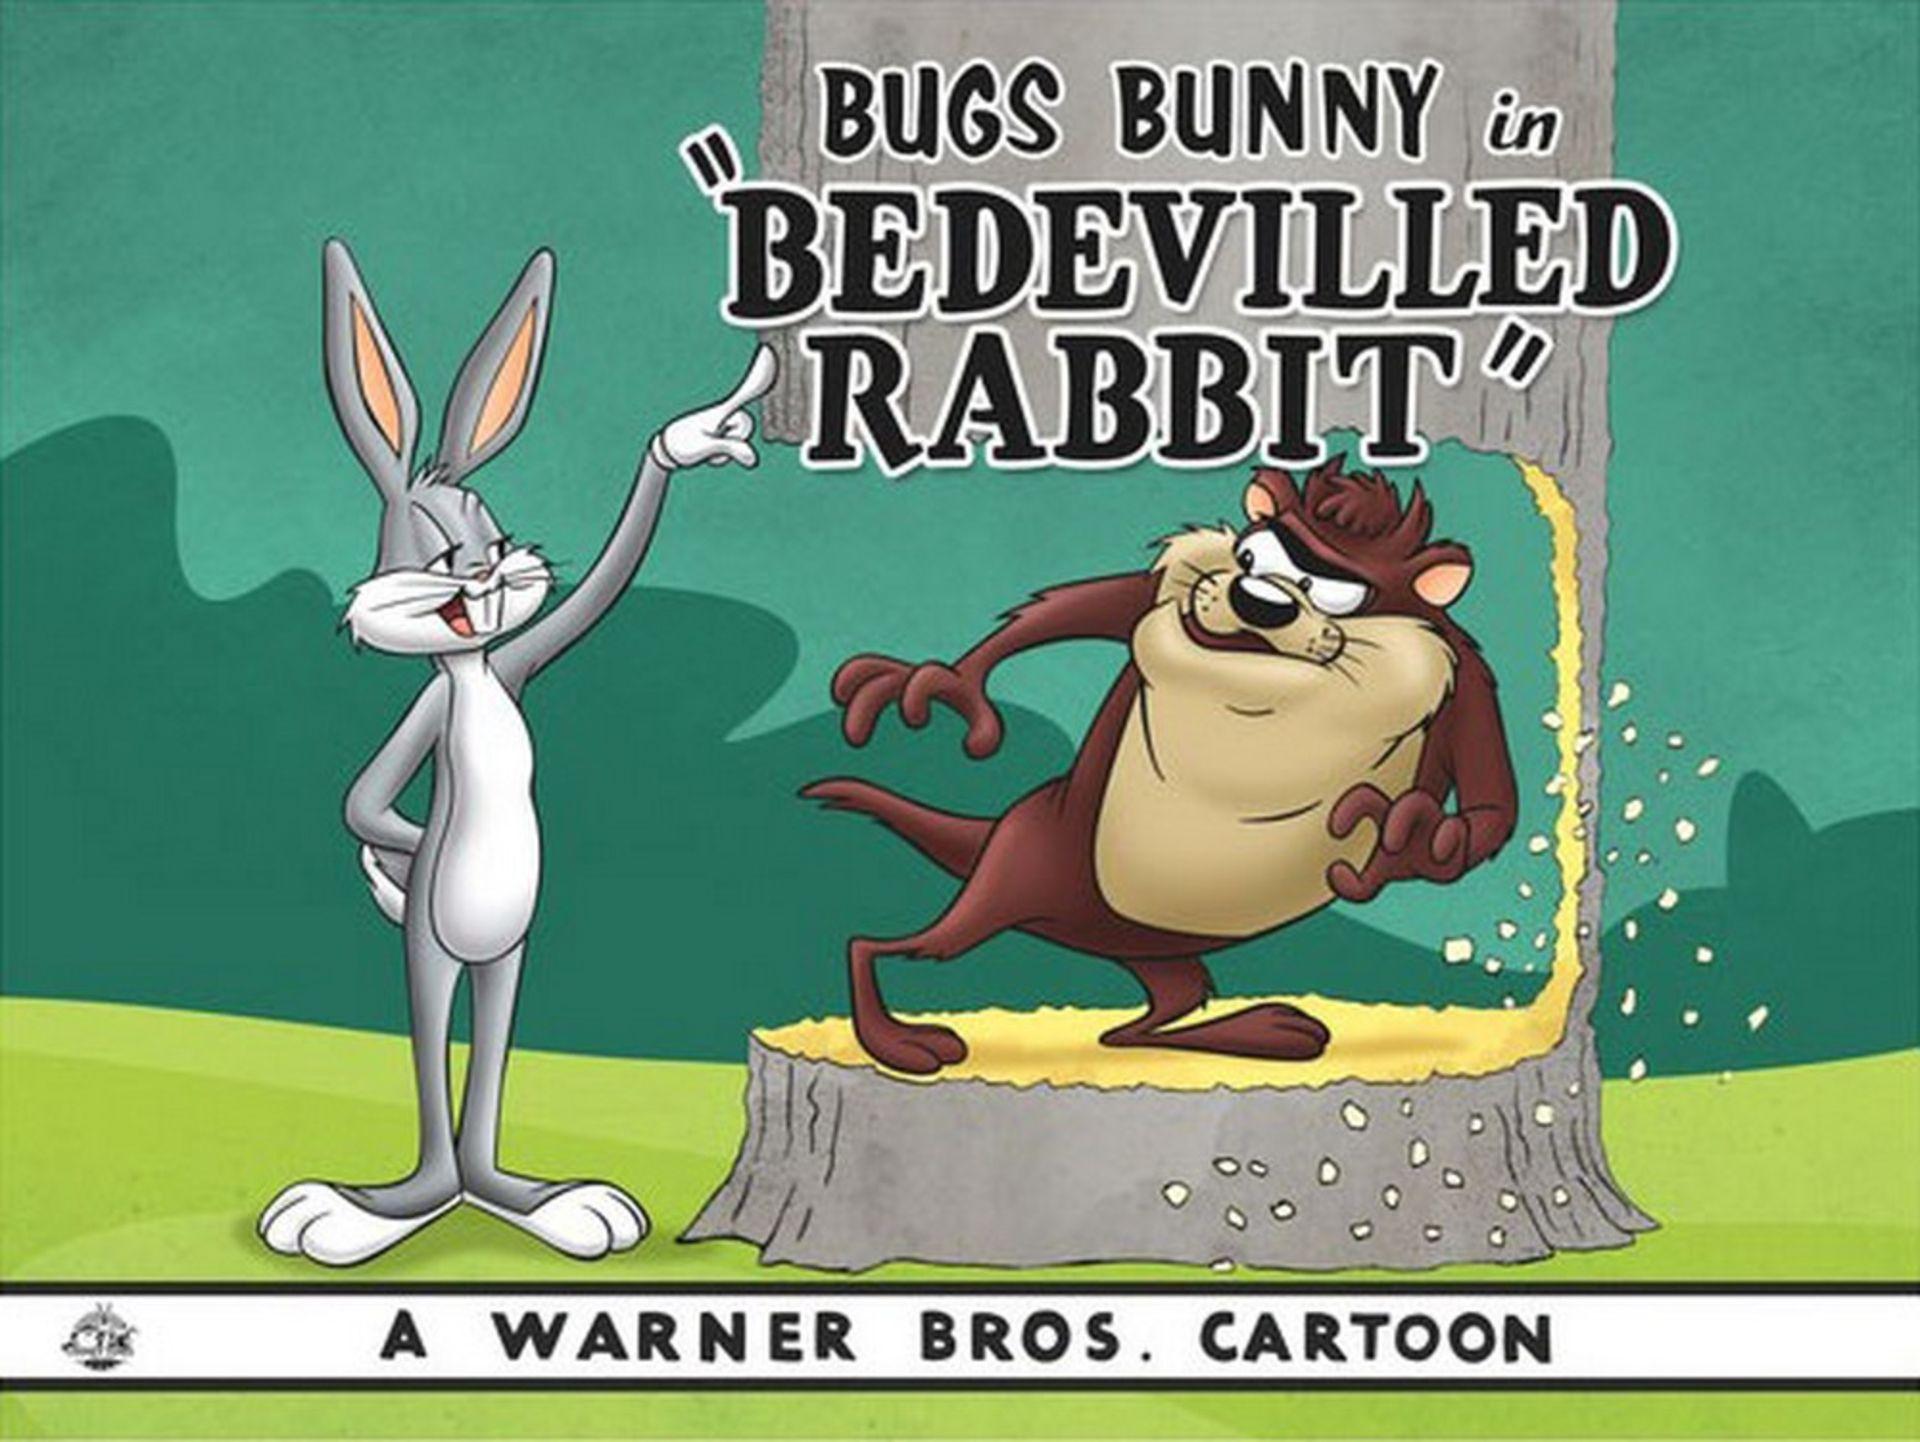 Warner Brothers Hologram Be Devilled Rabbit - Image 2 of 2